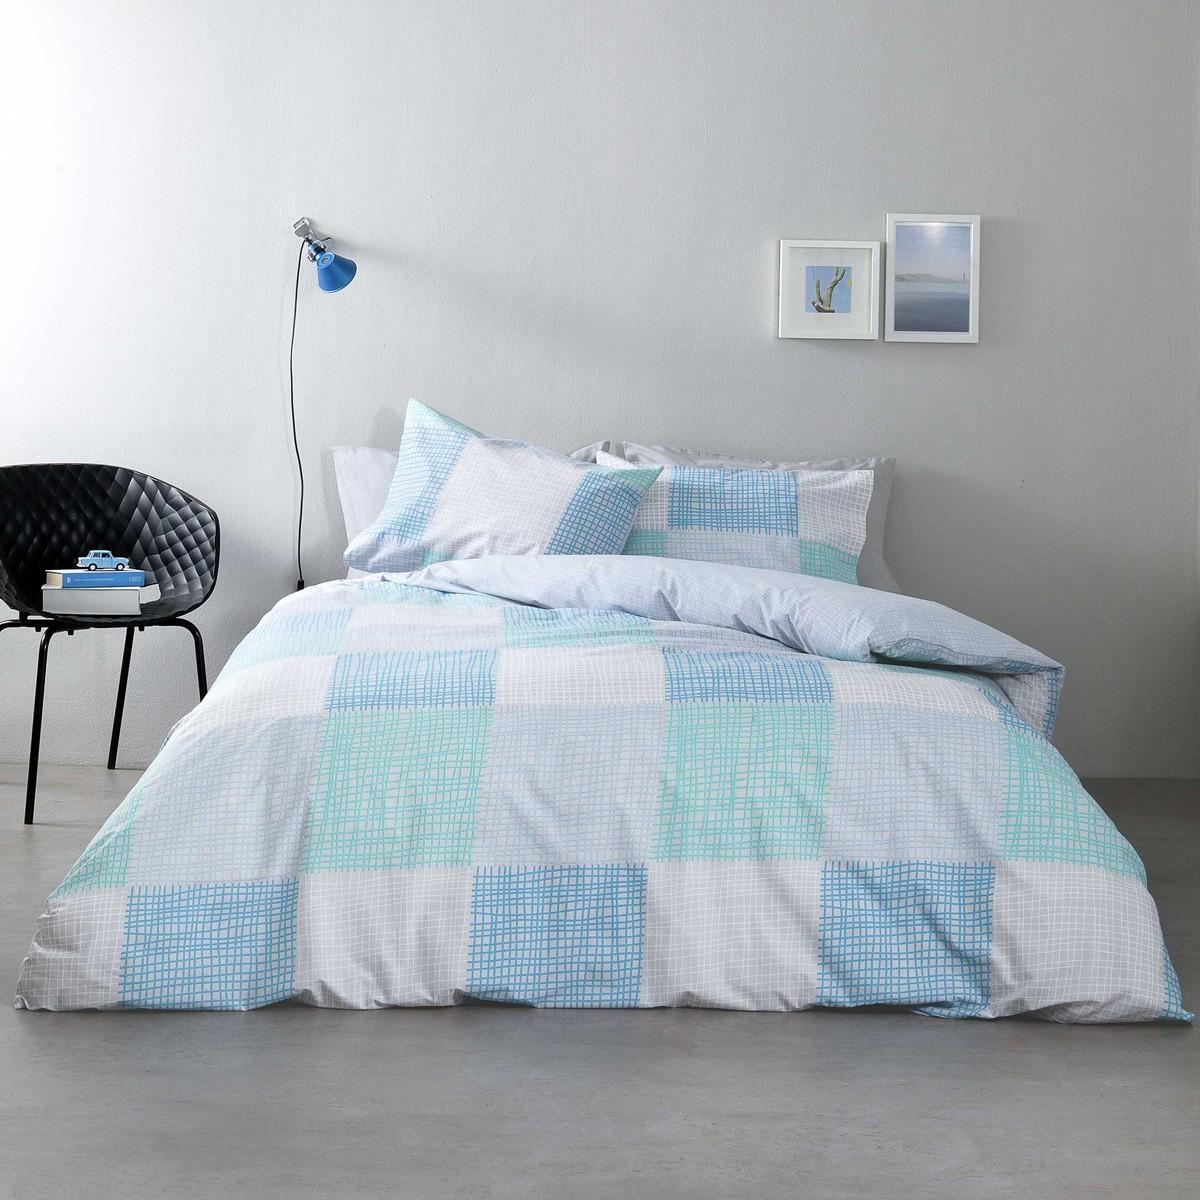 Παπλωματοθήκη Μονή (Σετ) Nima Bed Linen Rattan Blue